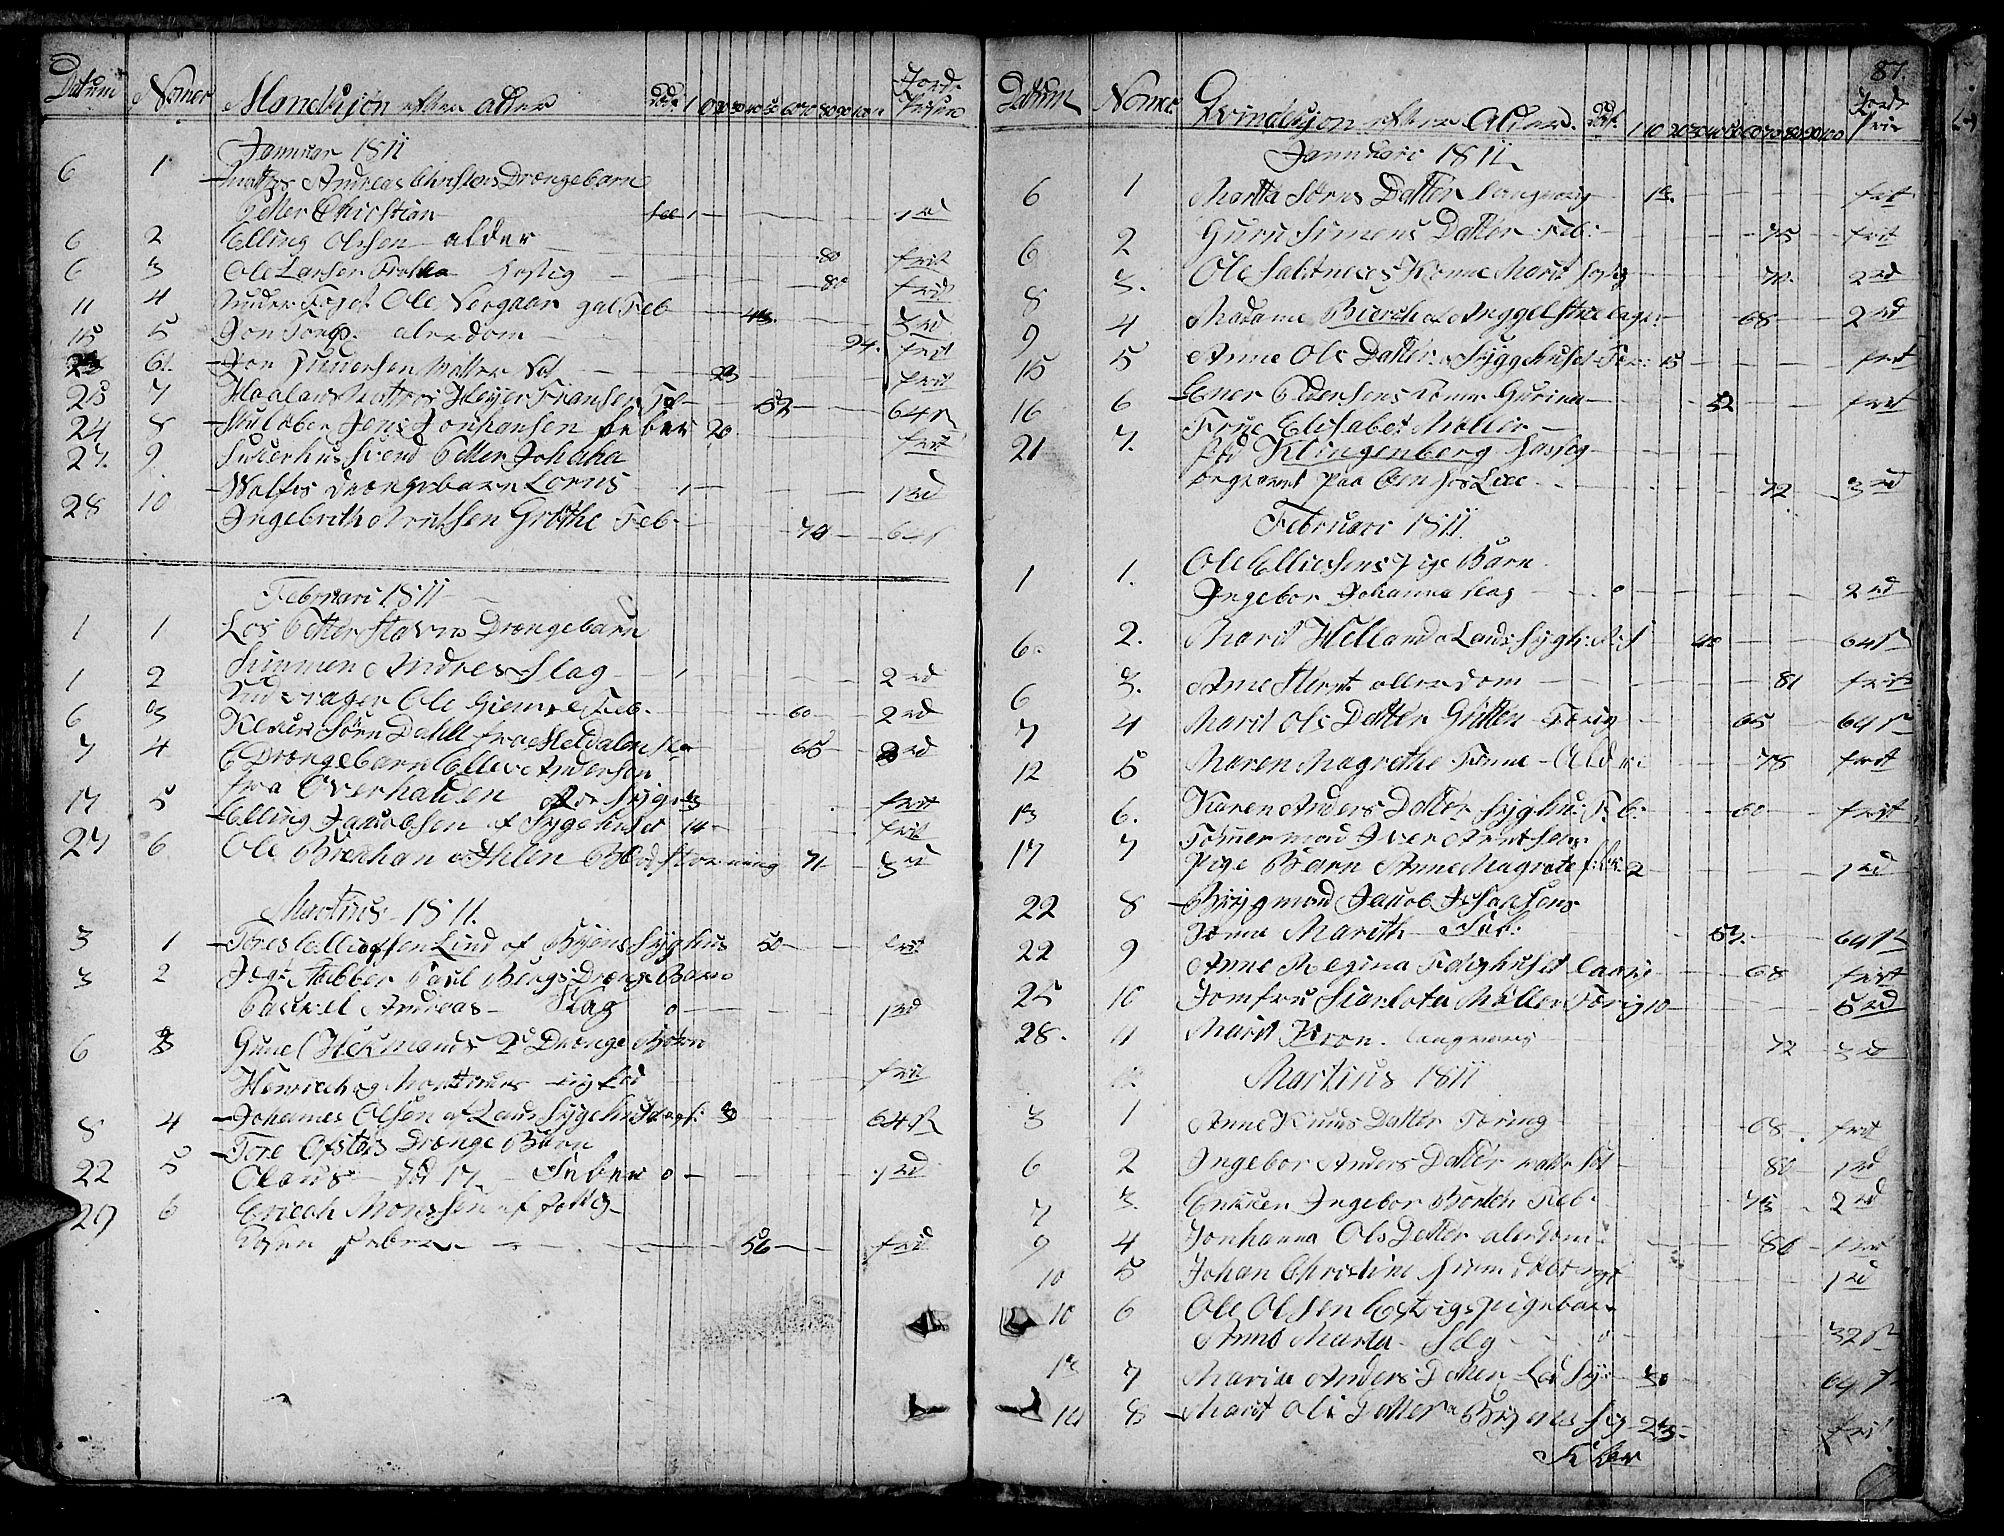 SAT, Ministerialprotokoller, klokkerbøker og fødselsregistre - Sør-Trøndelag, 601/L0040: Ministerialbok nr. 601A08, 1783-1818, s. 87